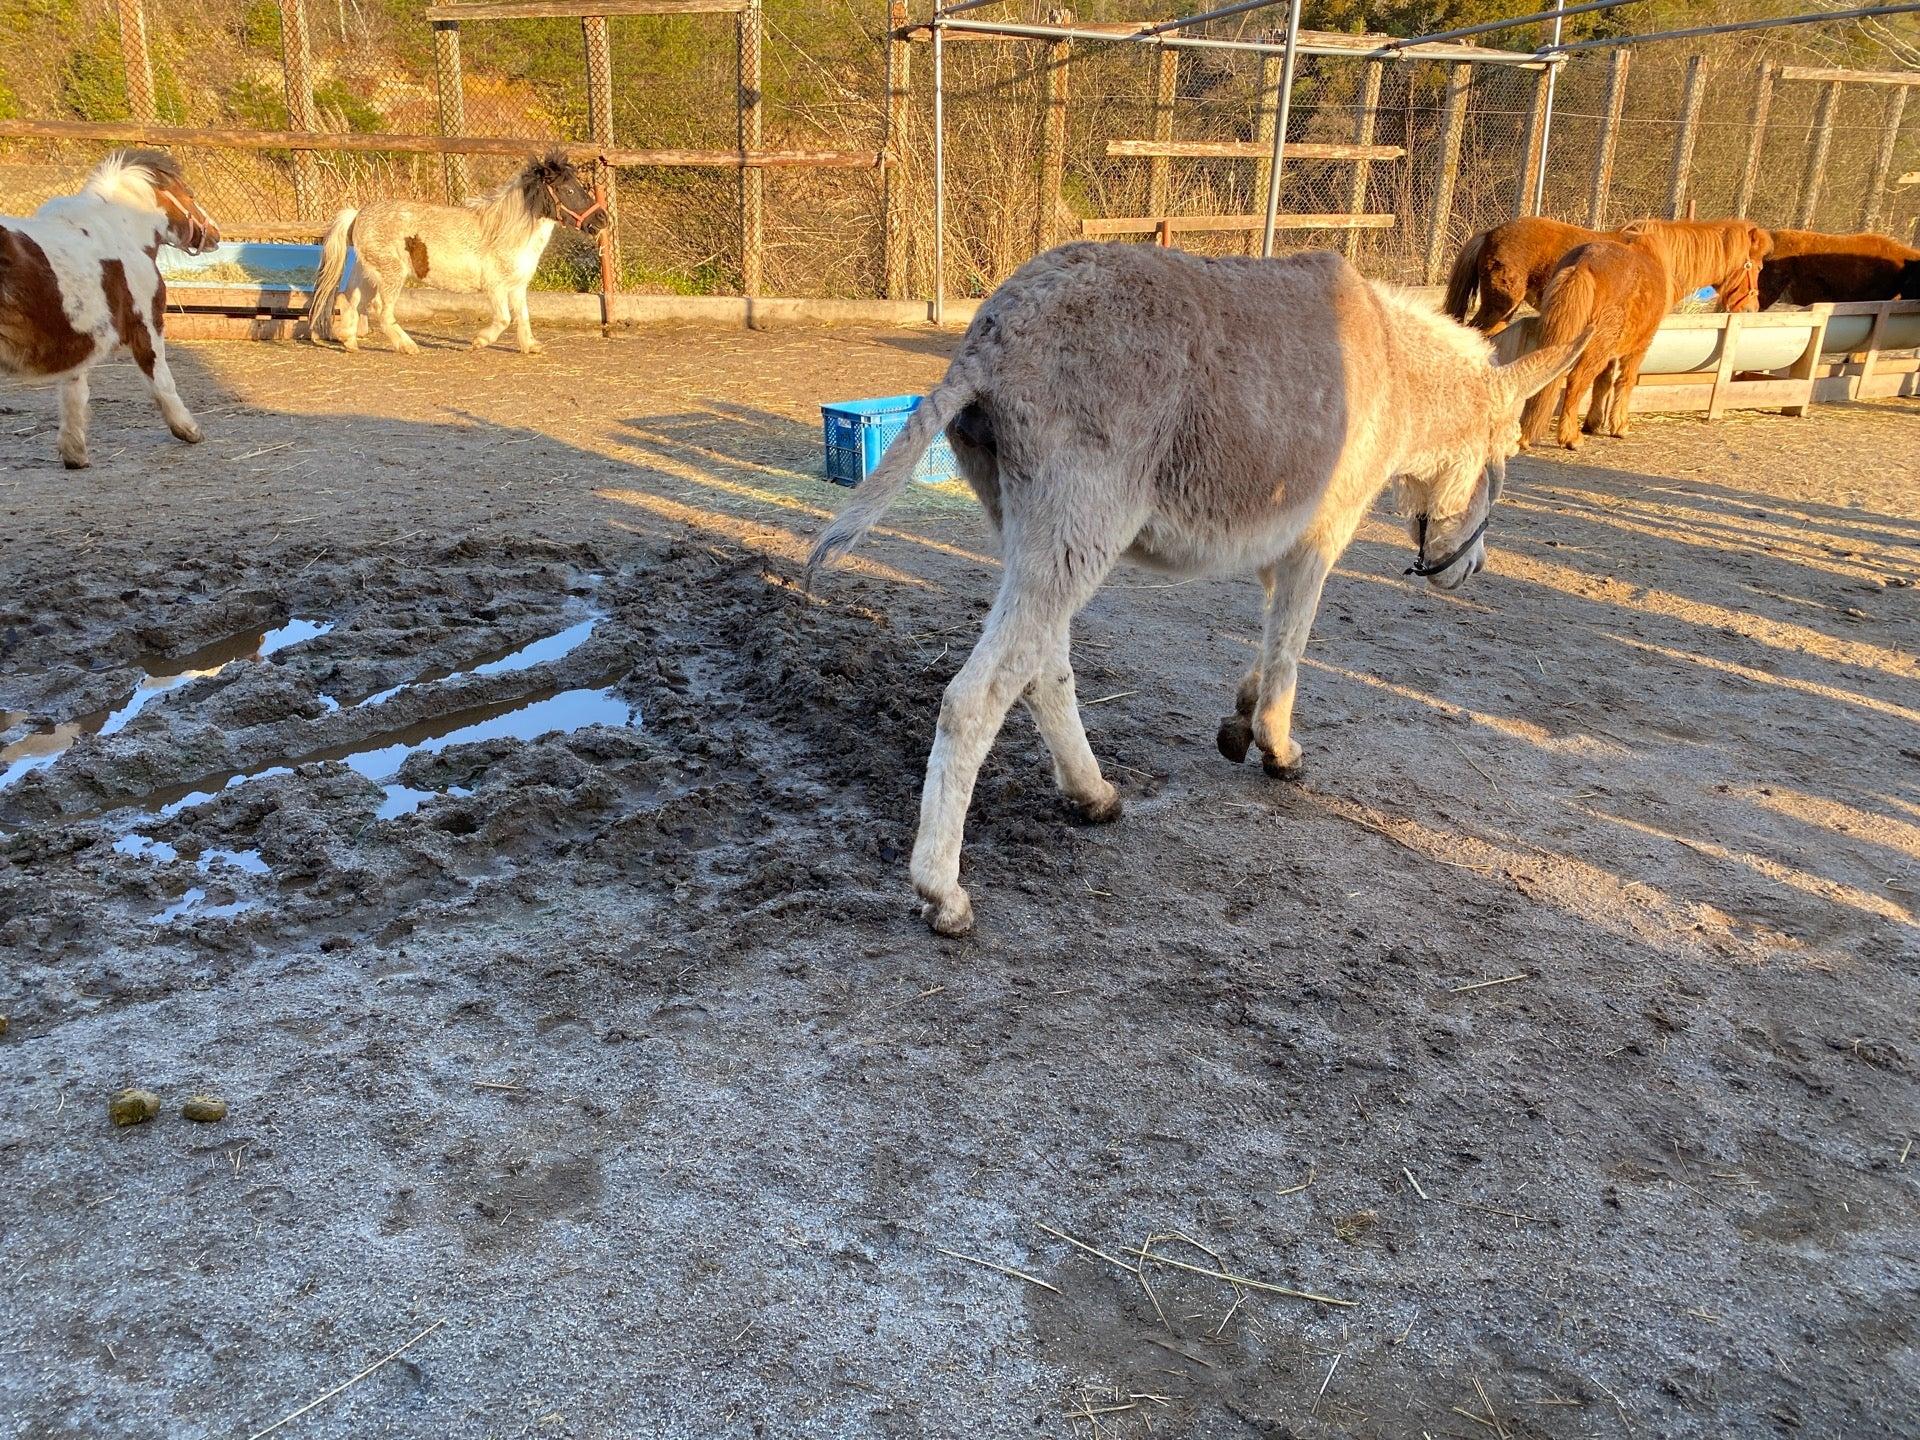 ロバさん、歩きウンコしてる。 (@ 小さなのんびり学習牧場 in 伊賀市, 三重県) https://t.co/2tl5OVktyp https://t.co/HfhR7hbx7U